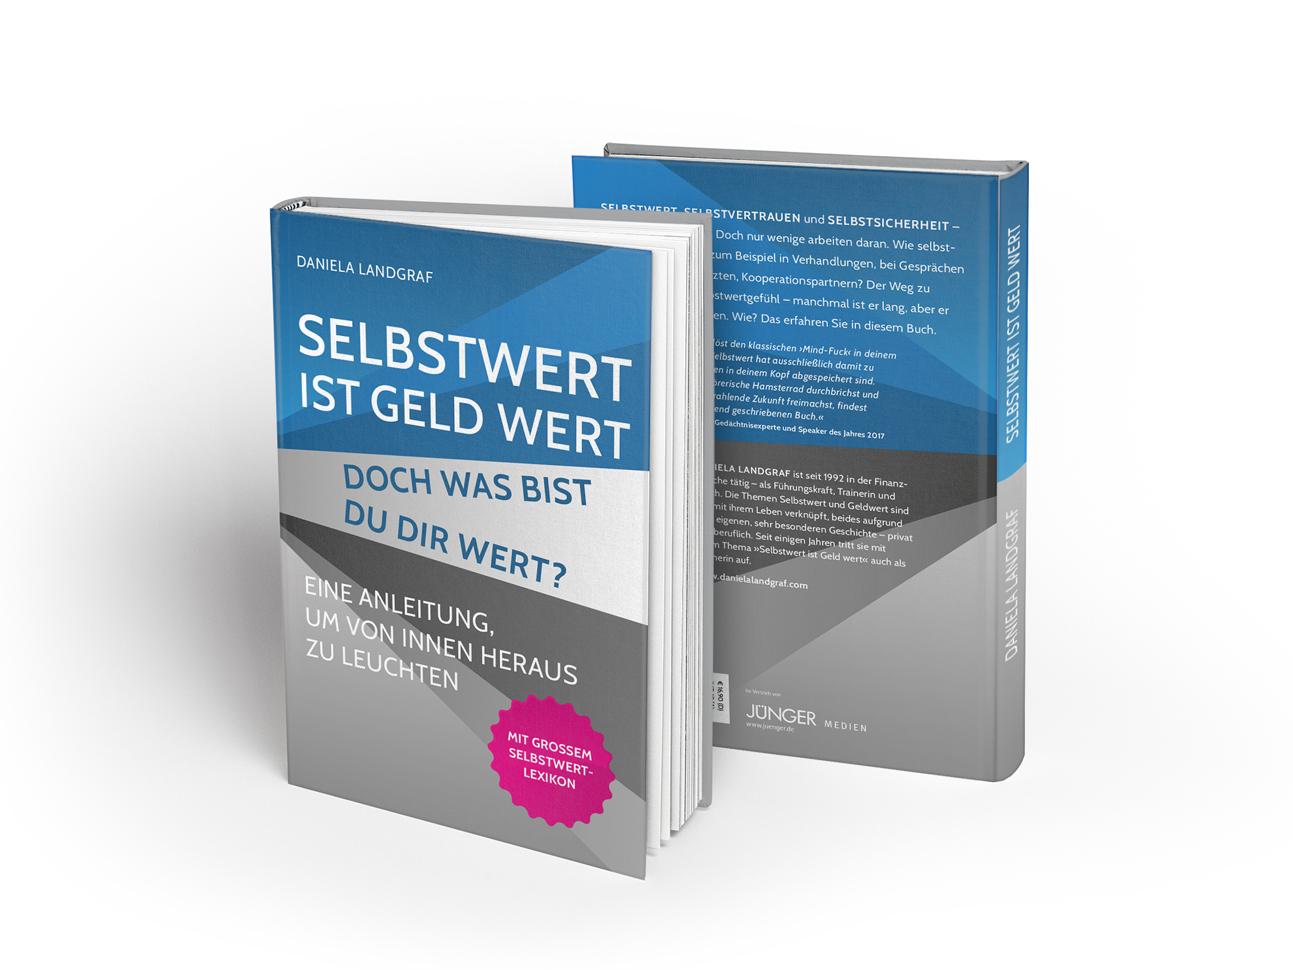 martin_zech_design_buchcover_self-publishing_daniela-landgraf_selbstwert-ist-geld-wert